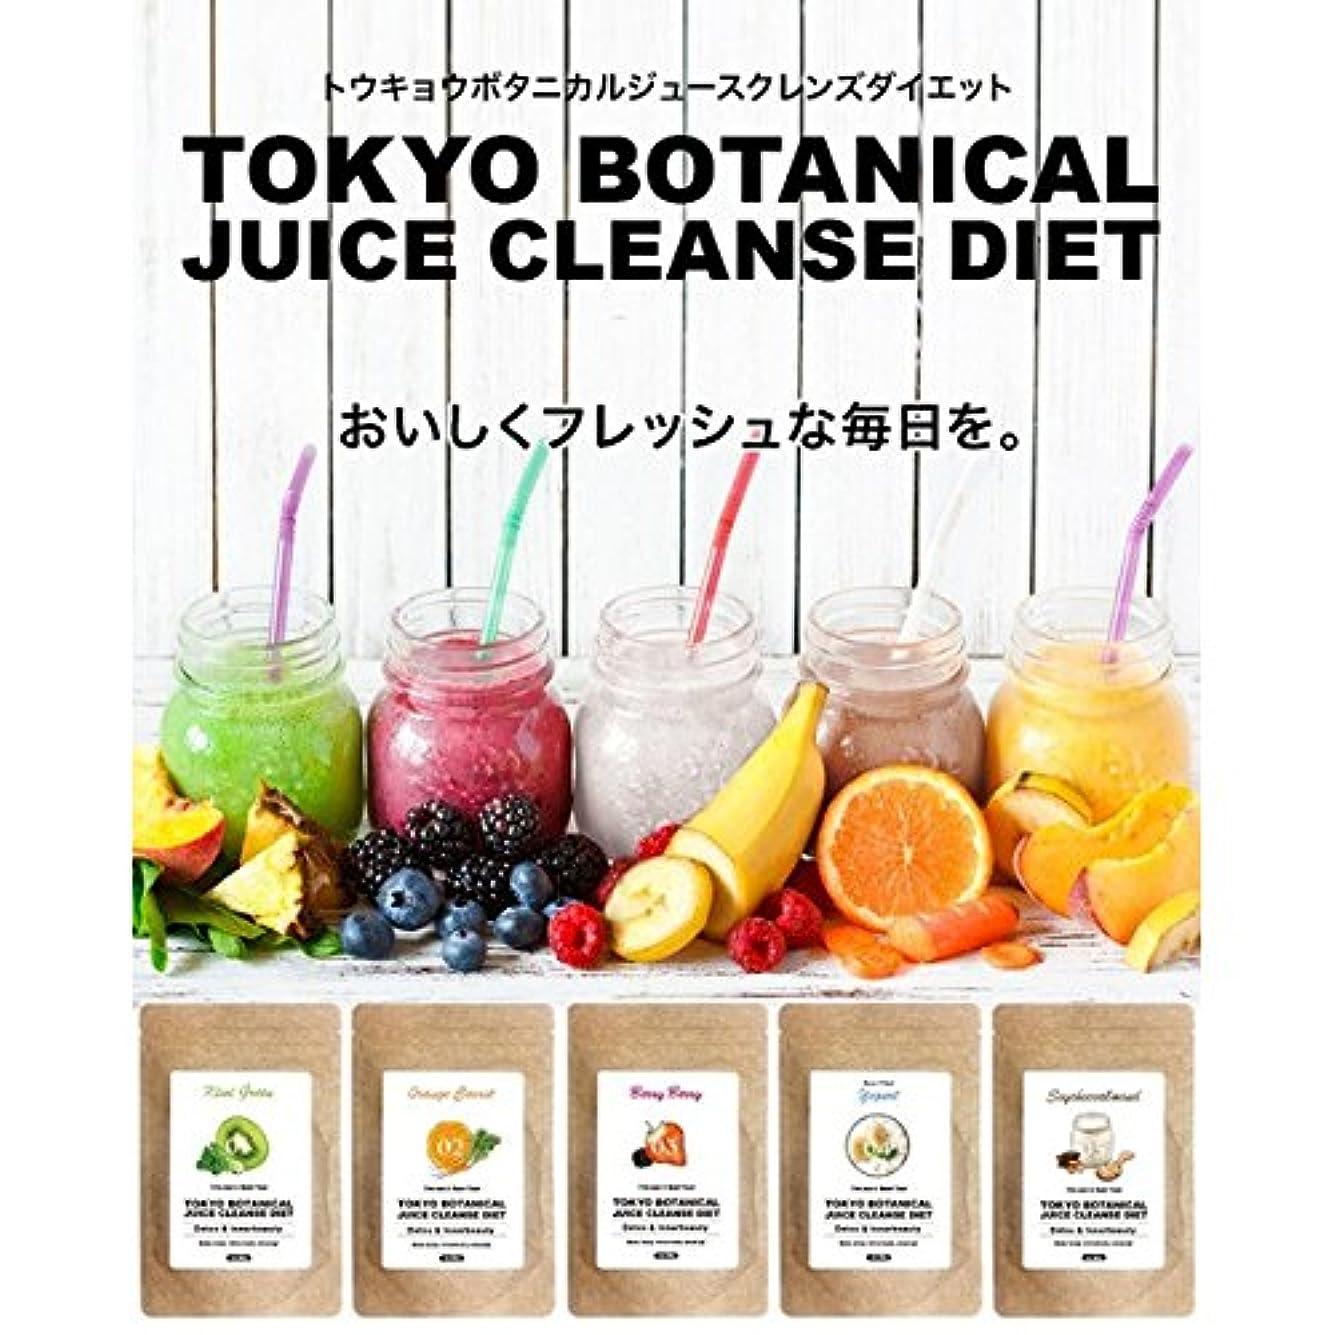 ミネラルあたり寸前東京ボタニカルジュースクレンズダイエット  キウイグリーン&ソイチョコアーモンドセット